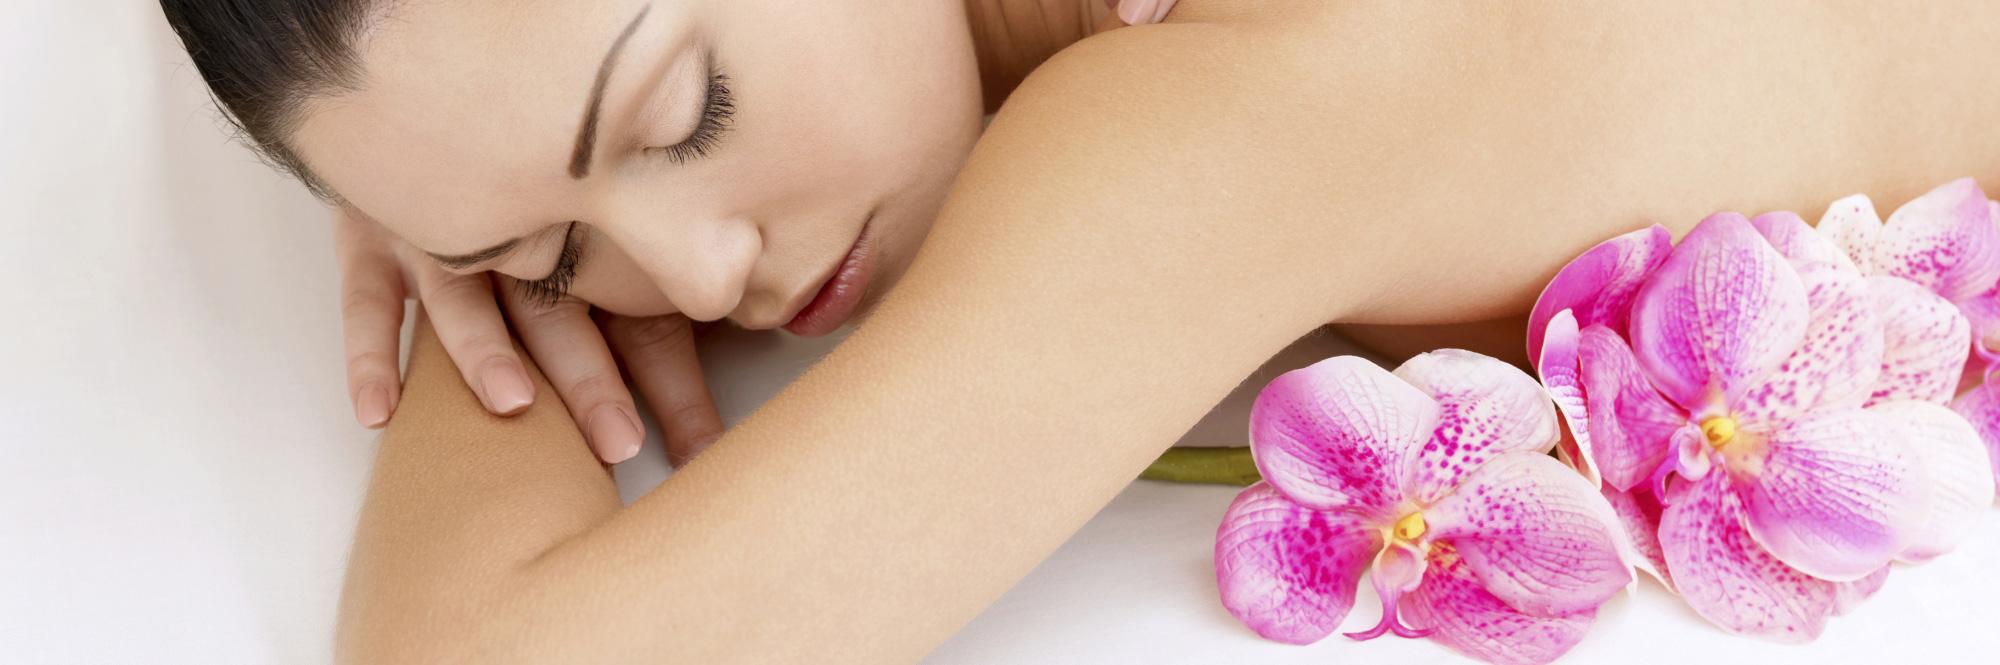 en línea masaje golondrina